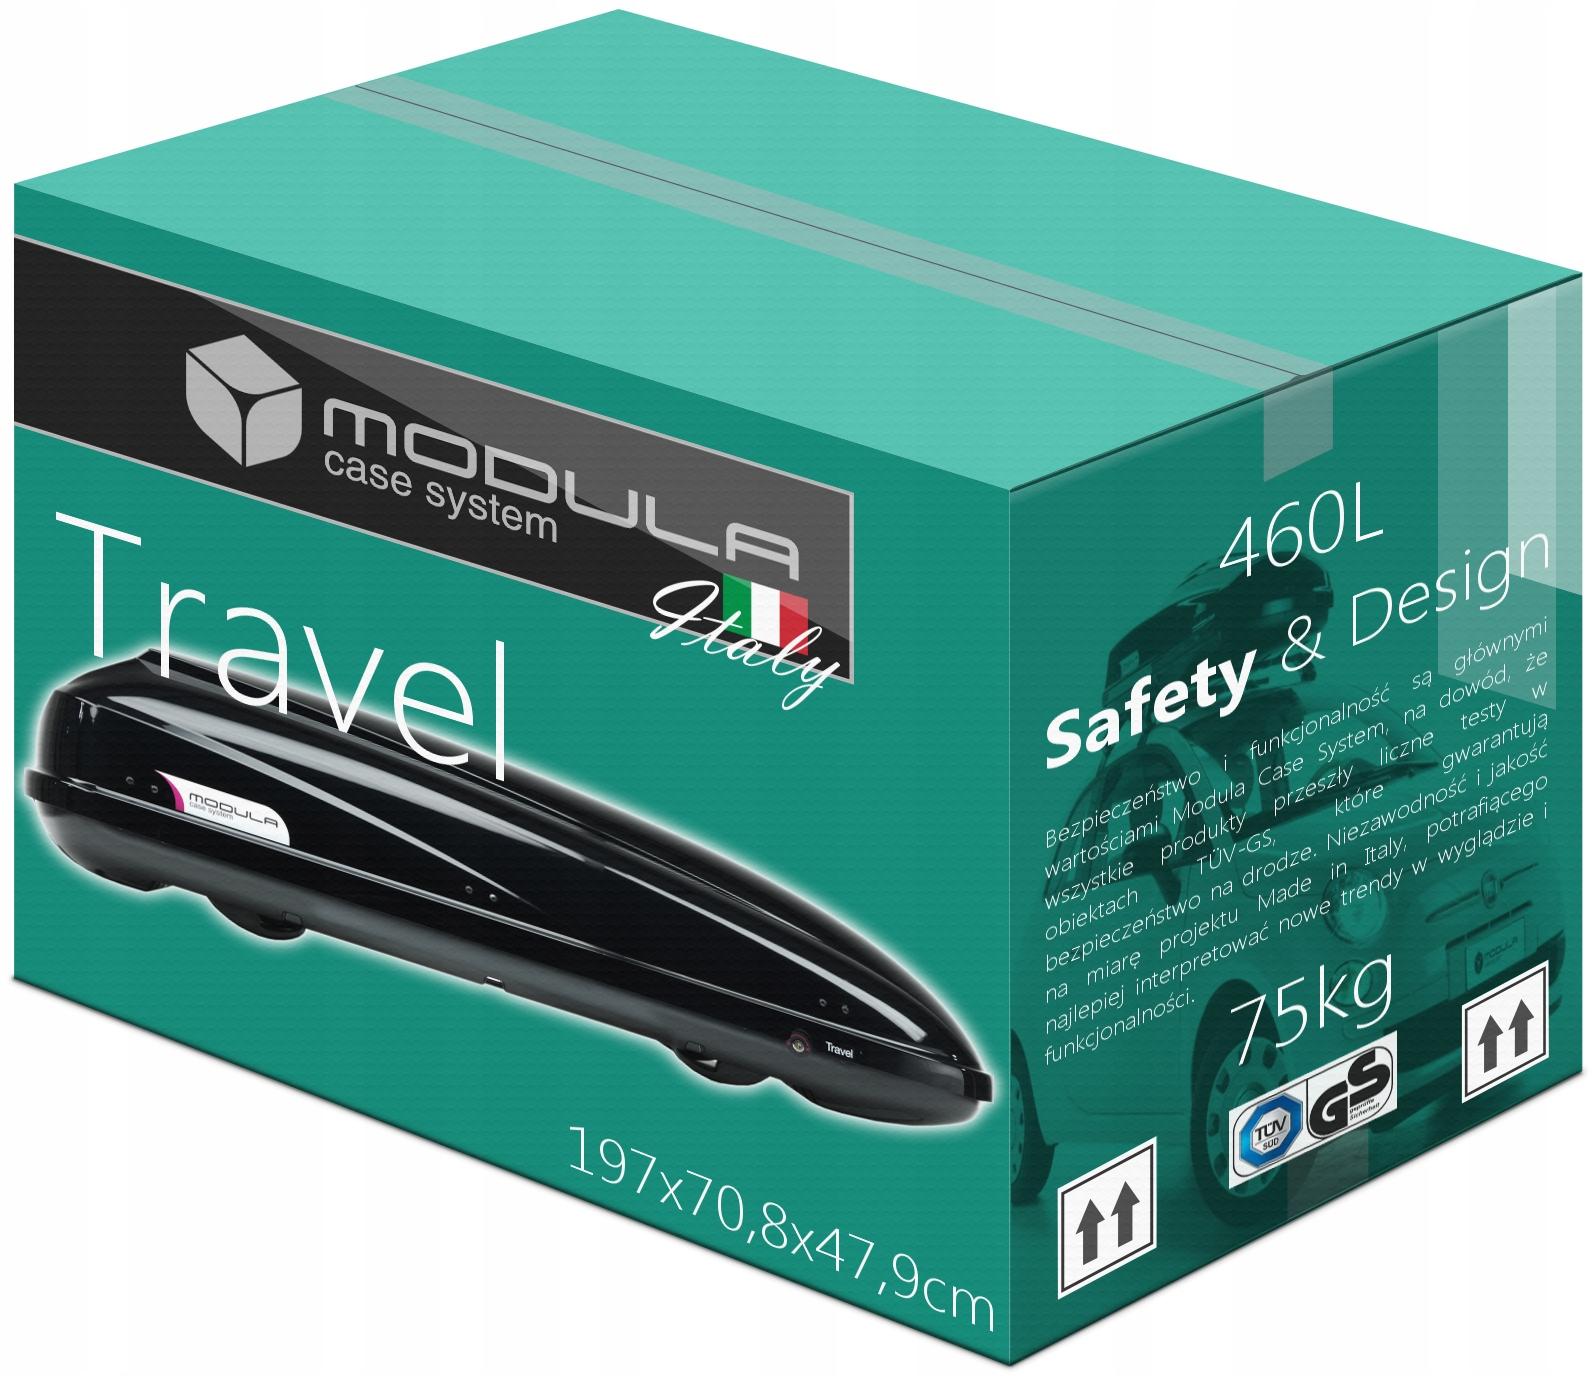 Коробка для крыши BOX MODULA Travel 460L 197x70x48